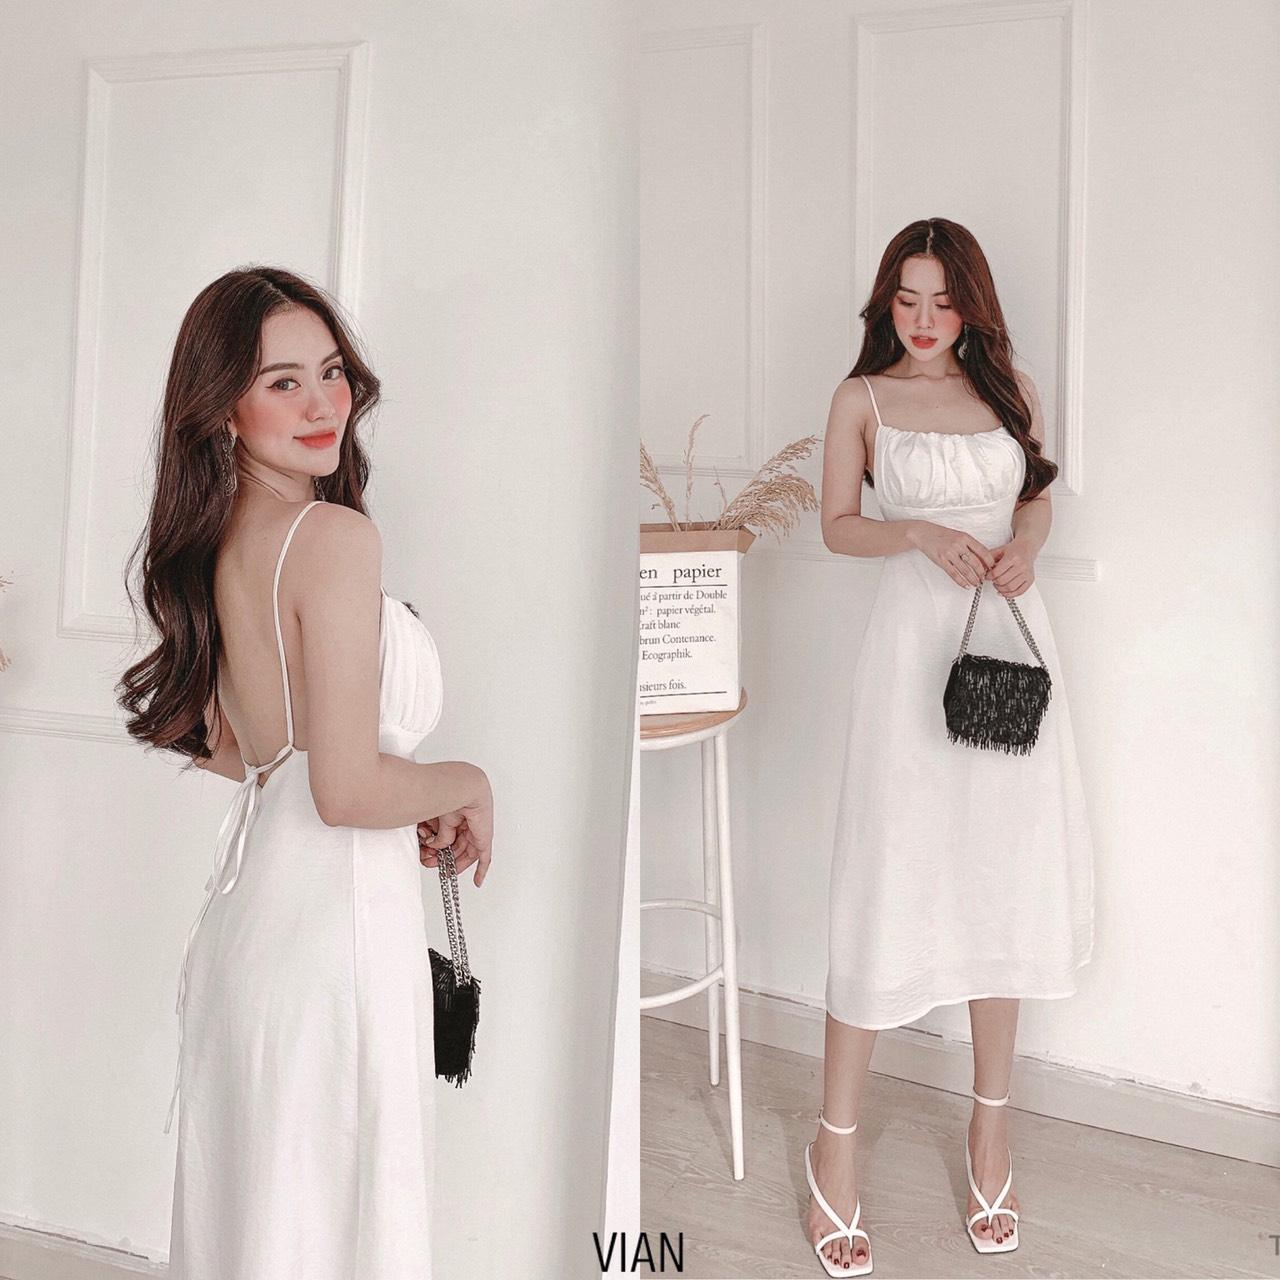 Đầm maxi 2 dây thiết kế Vian dress - váy maxi đan dây lưng - đầm dự tiệc